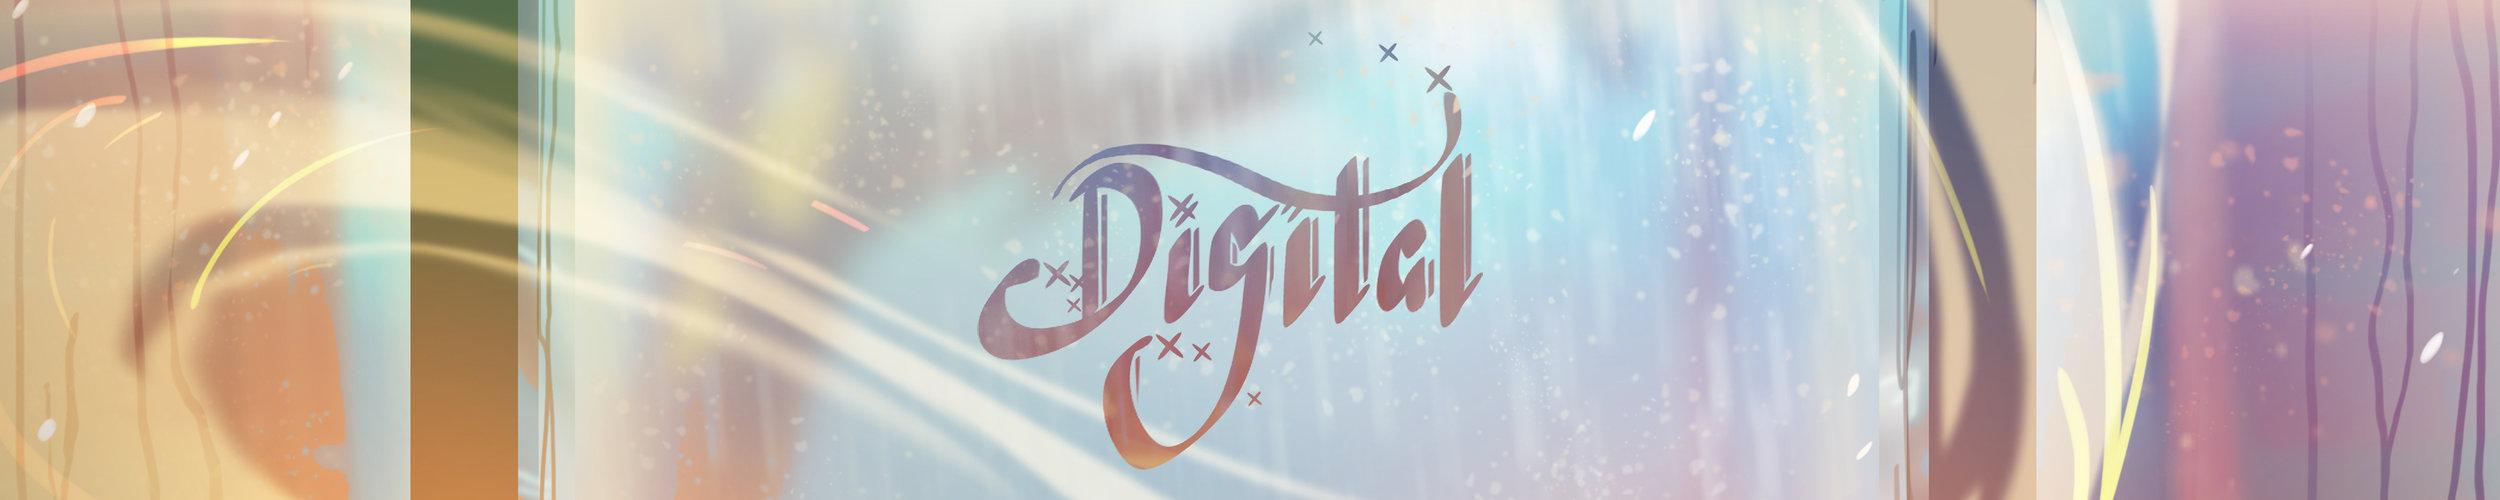 Digital_banner.jpg